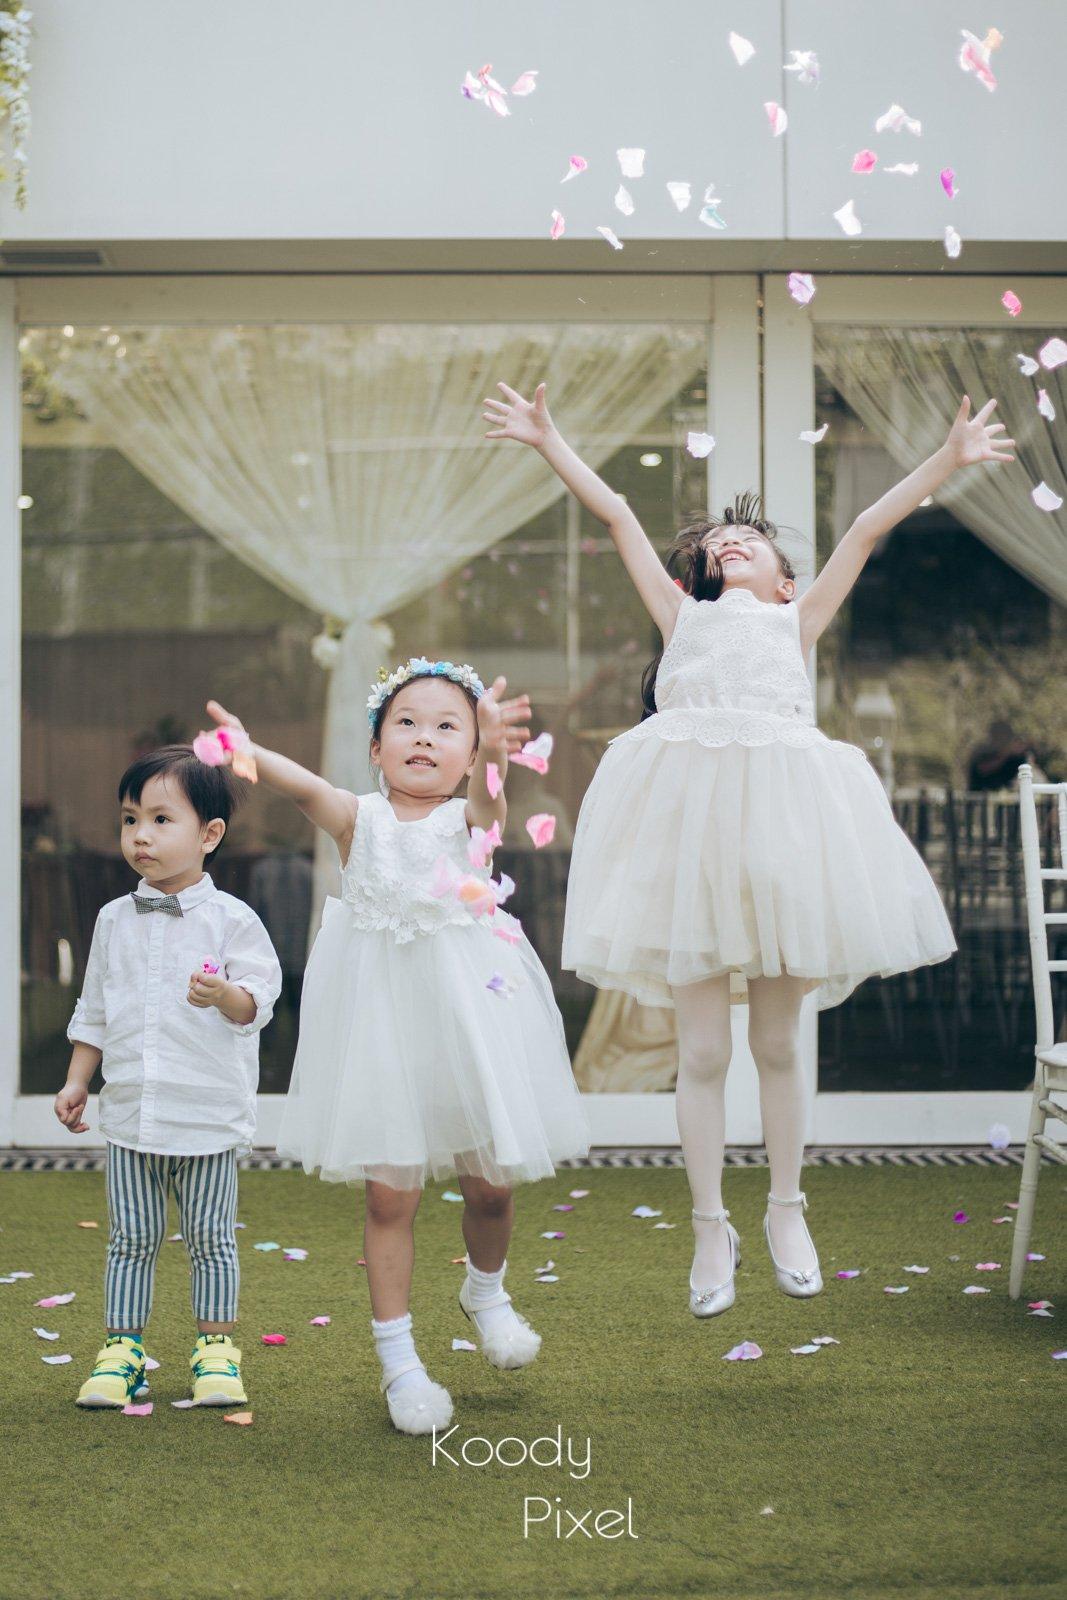 婚禮的花仔的盡情投入,一躍而跳